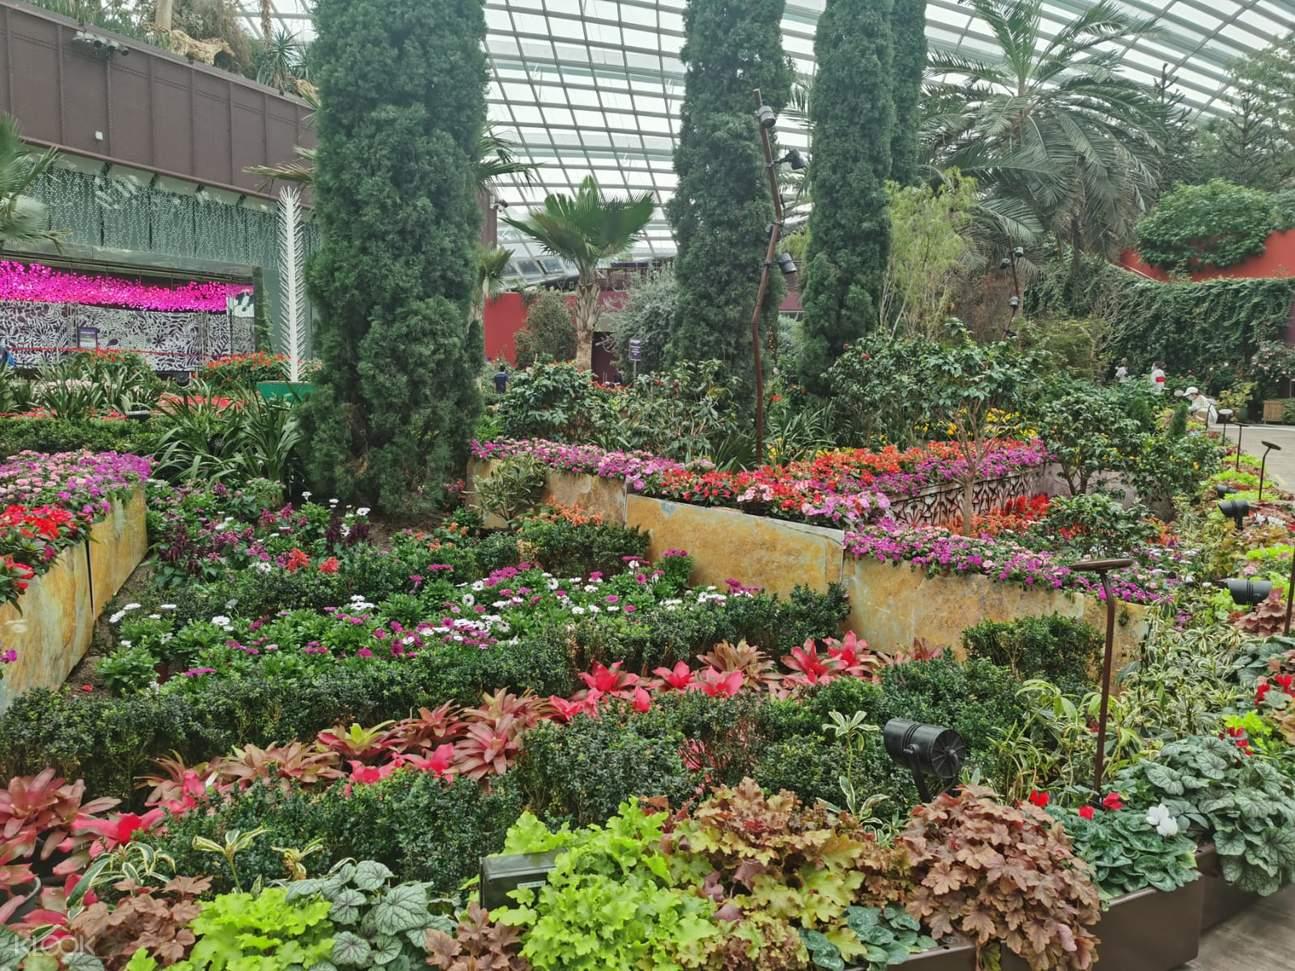 Varieties of flowers in Flower Dome